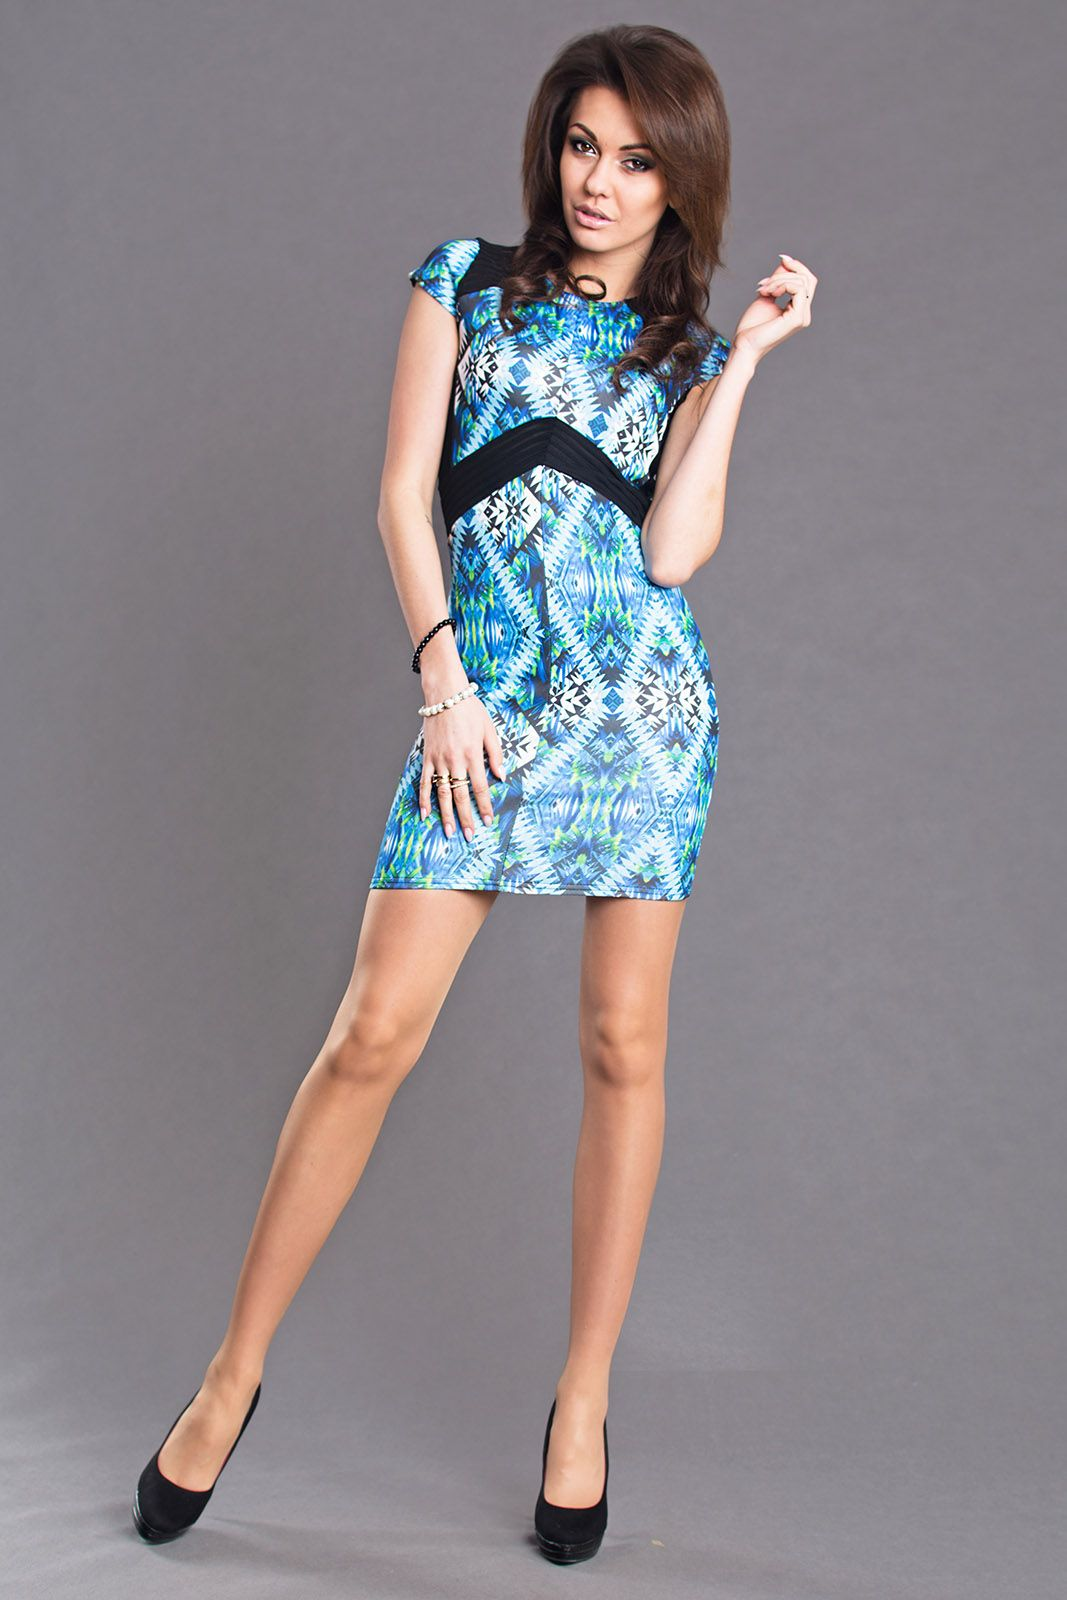 AYANAPA Sukienka 6685 niebieska r. M (6106) 807006106138 Kleitas sievietēm